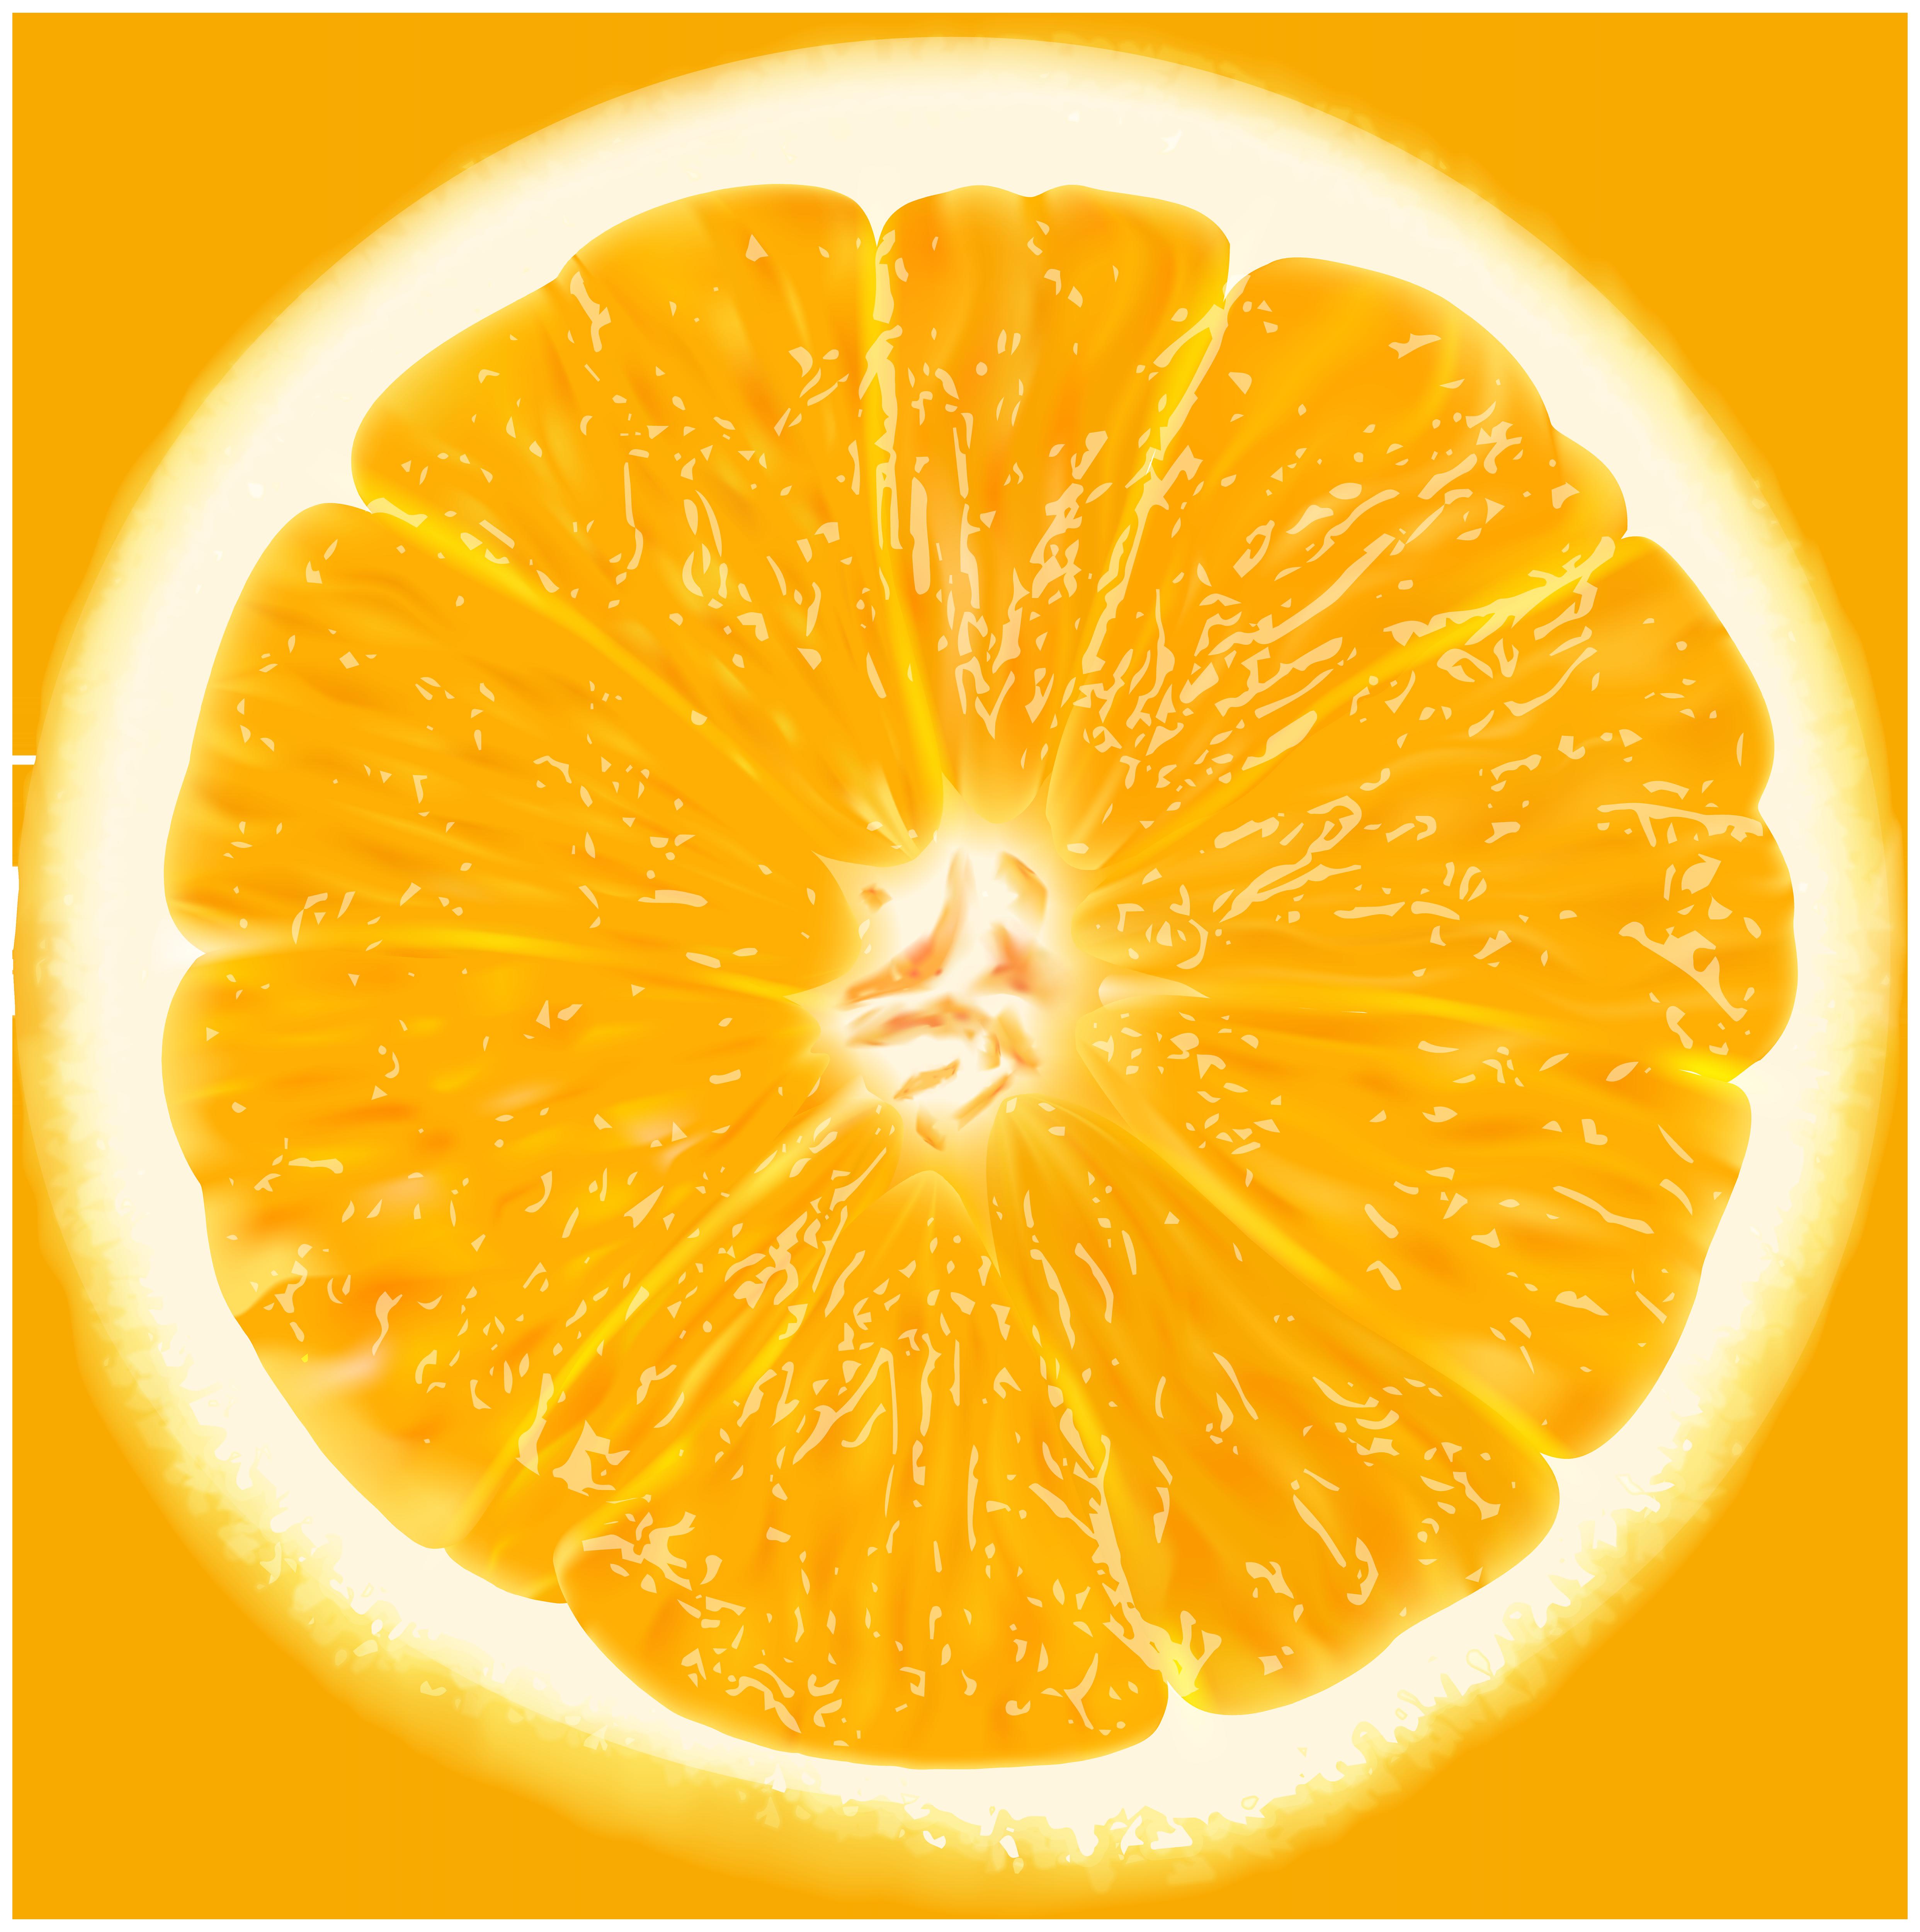 Orange Slice PNG Clip Art Image.